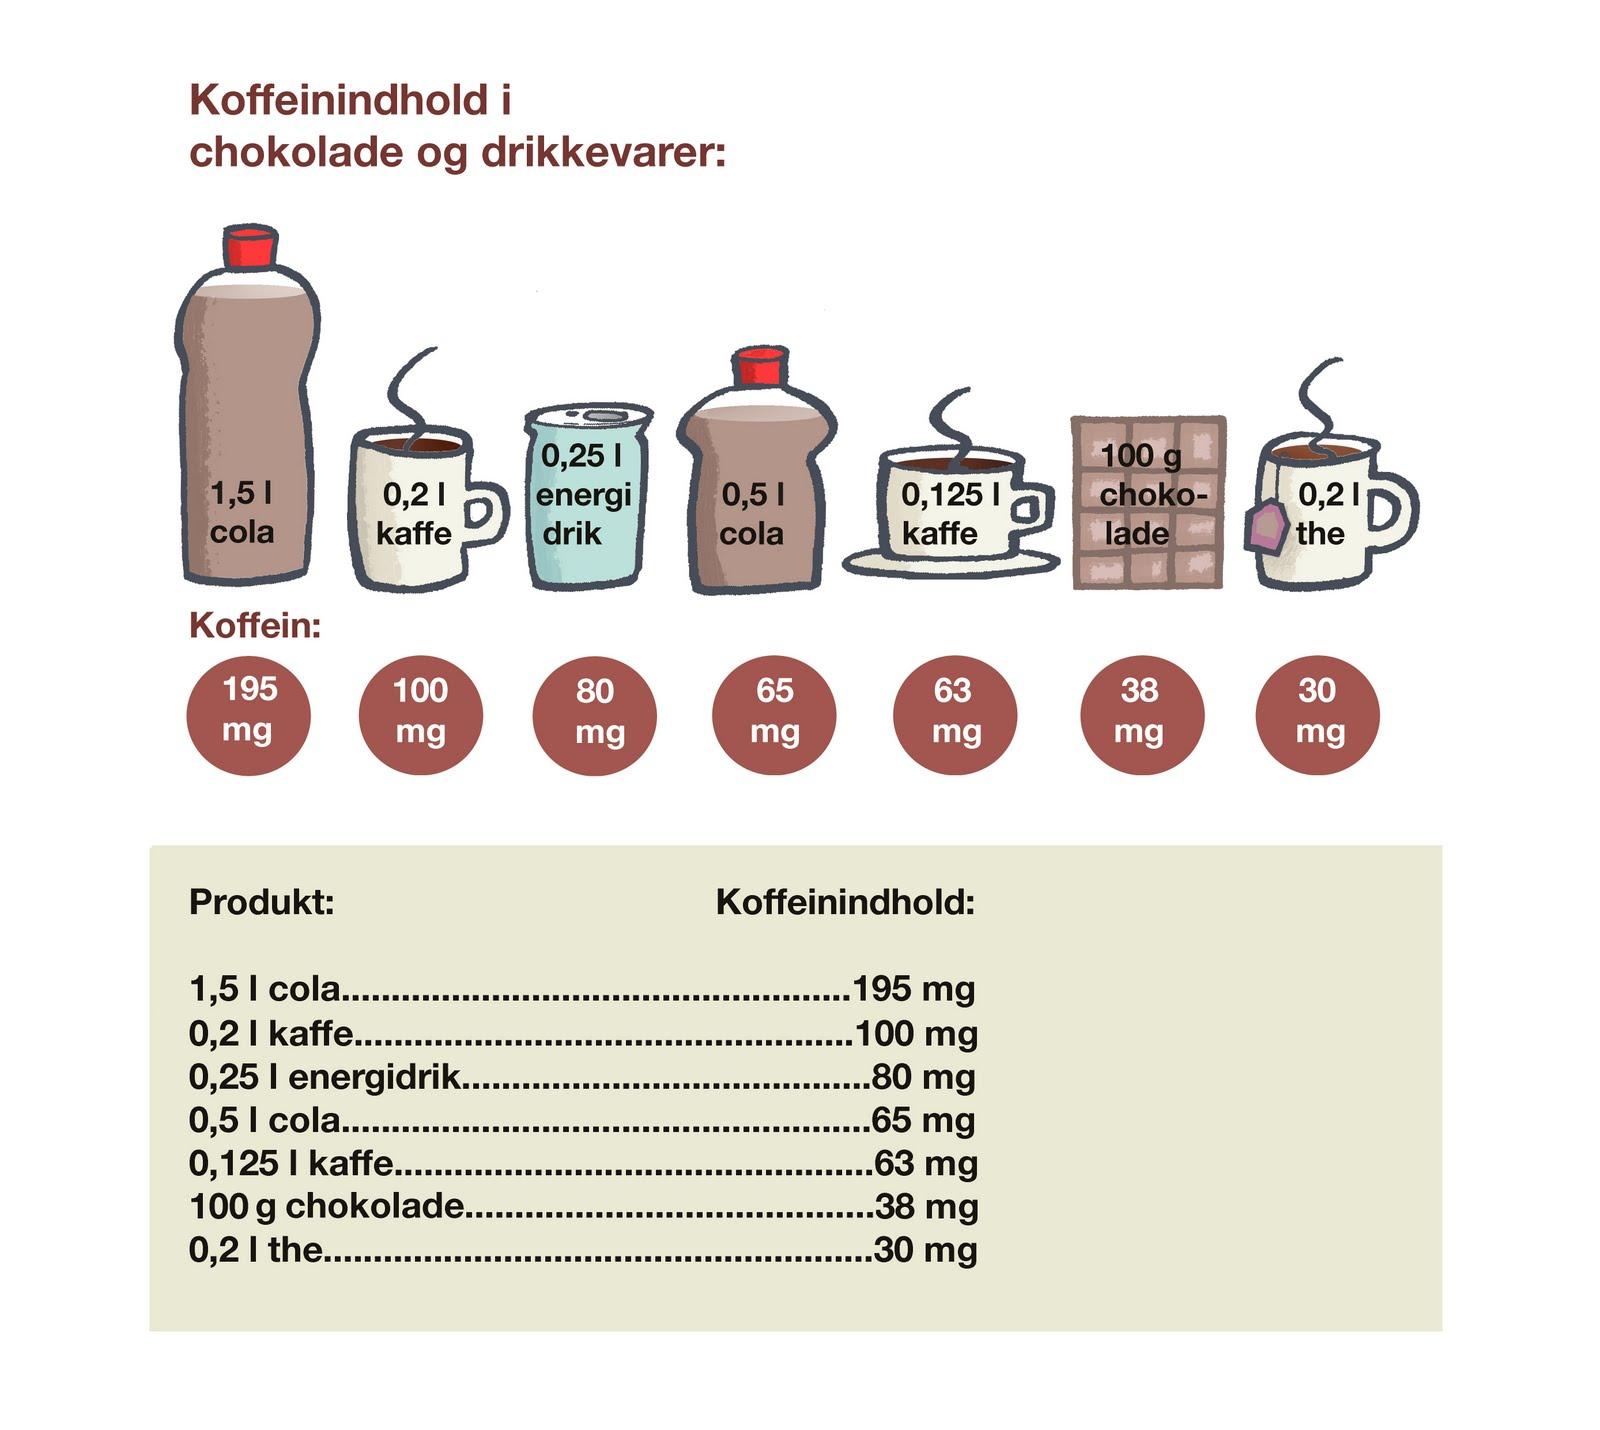 ekstraktion af koffein